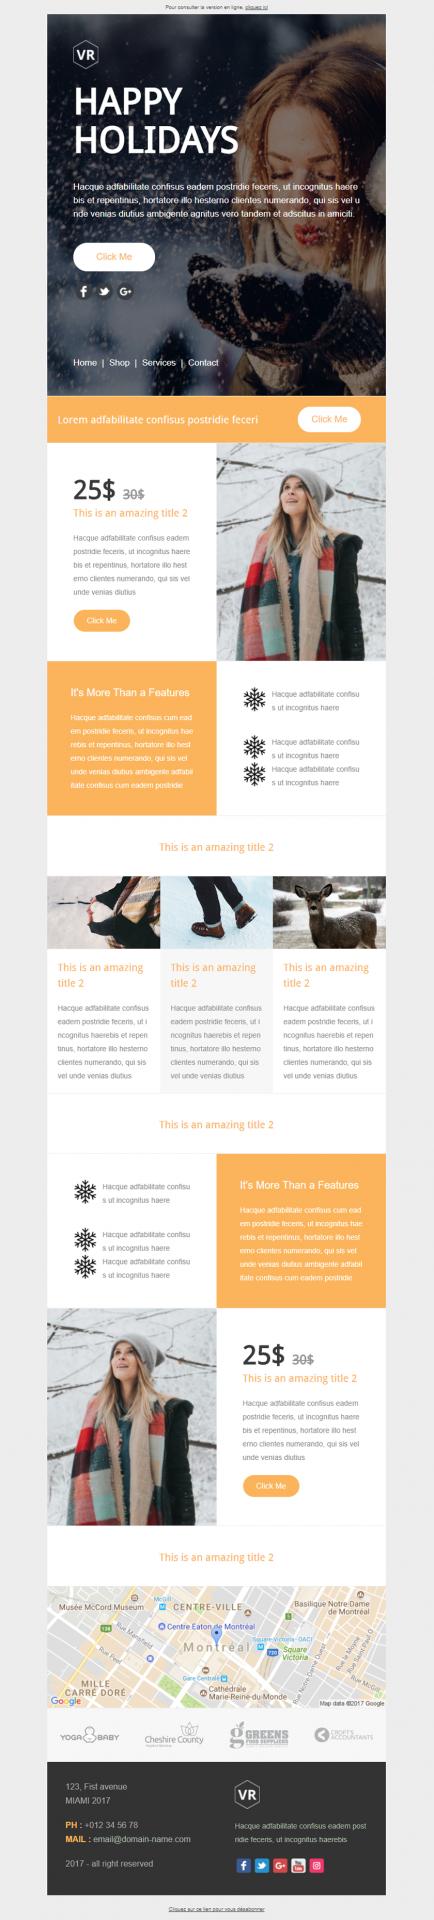 modèle newsletter pour les soldes d'hiver